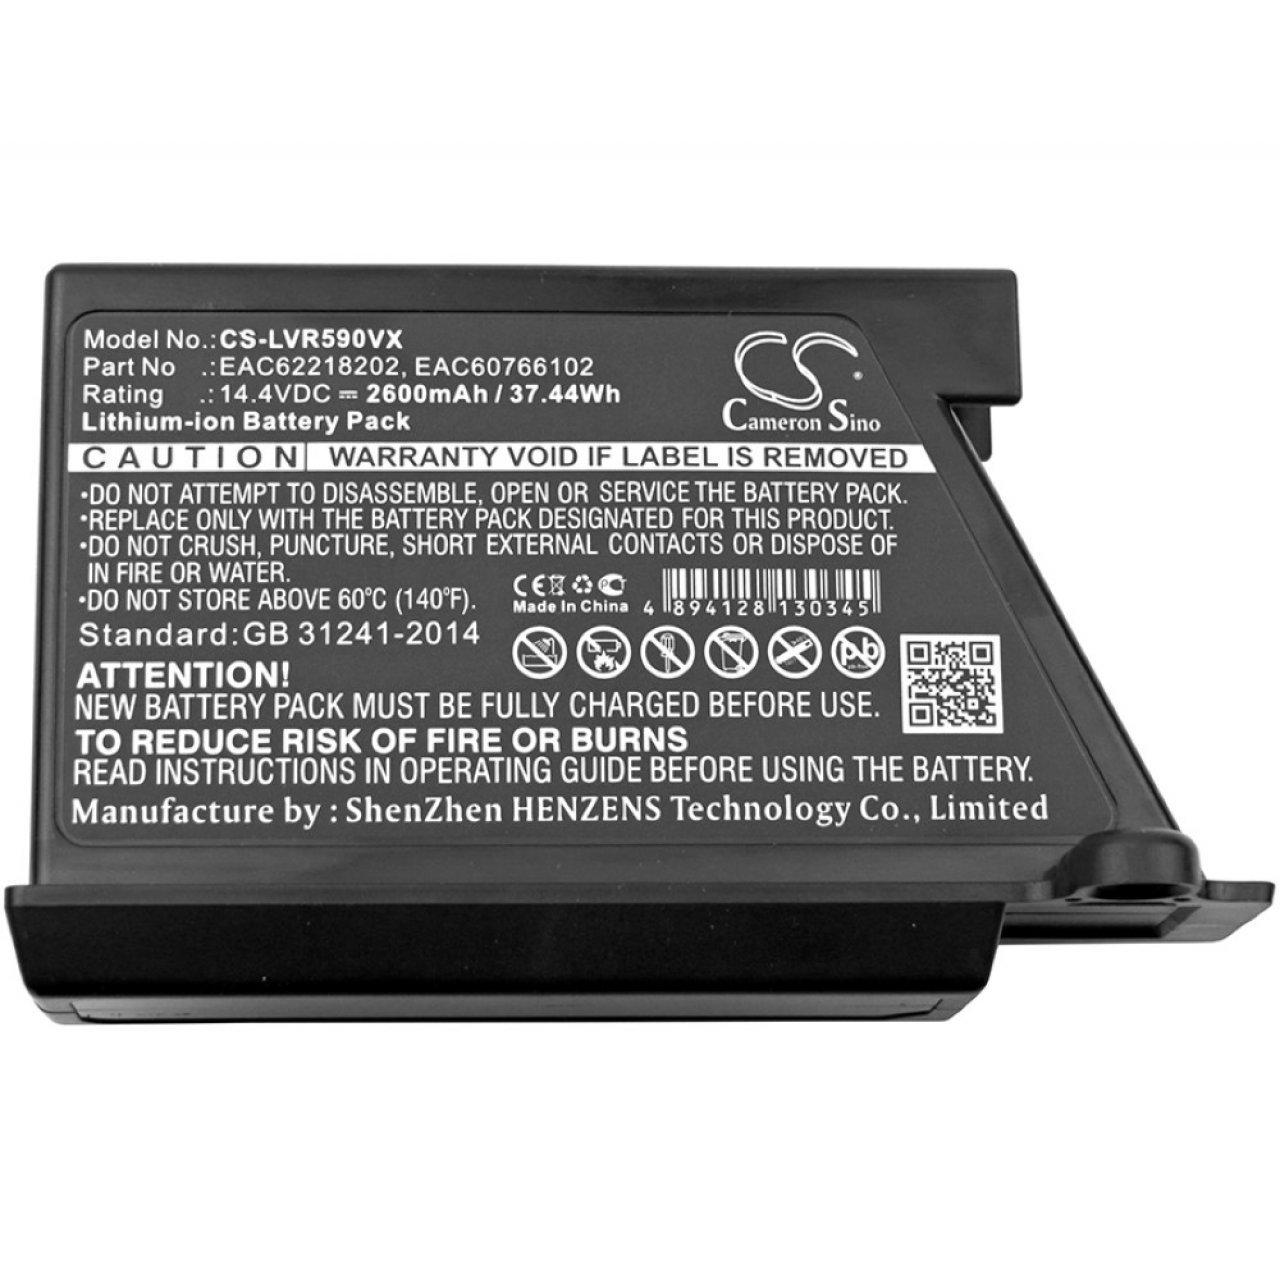 Batería para Robot-Aspirador LG Modelo EAC60766102: Amazon.es ...